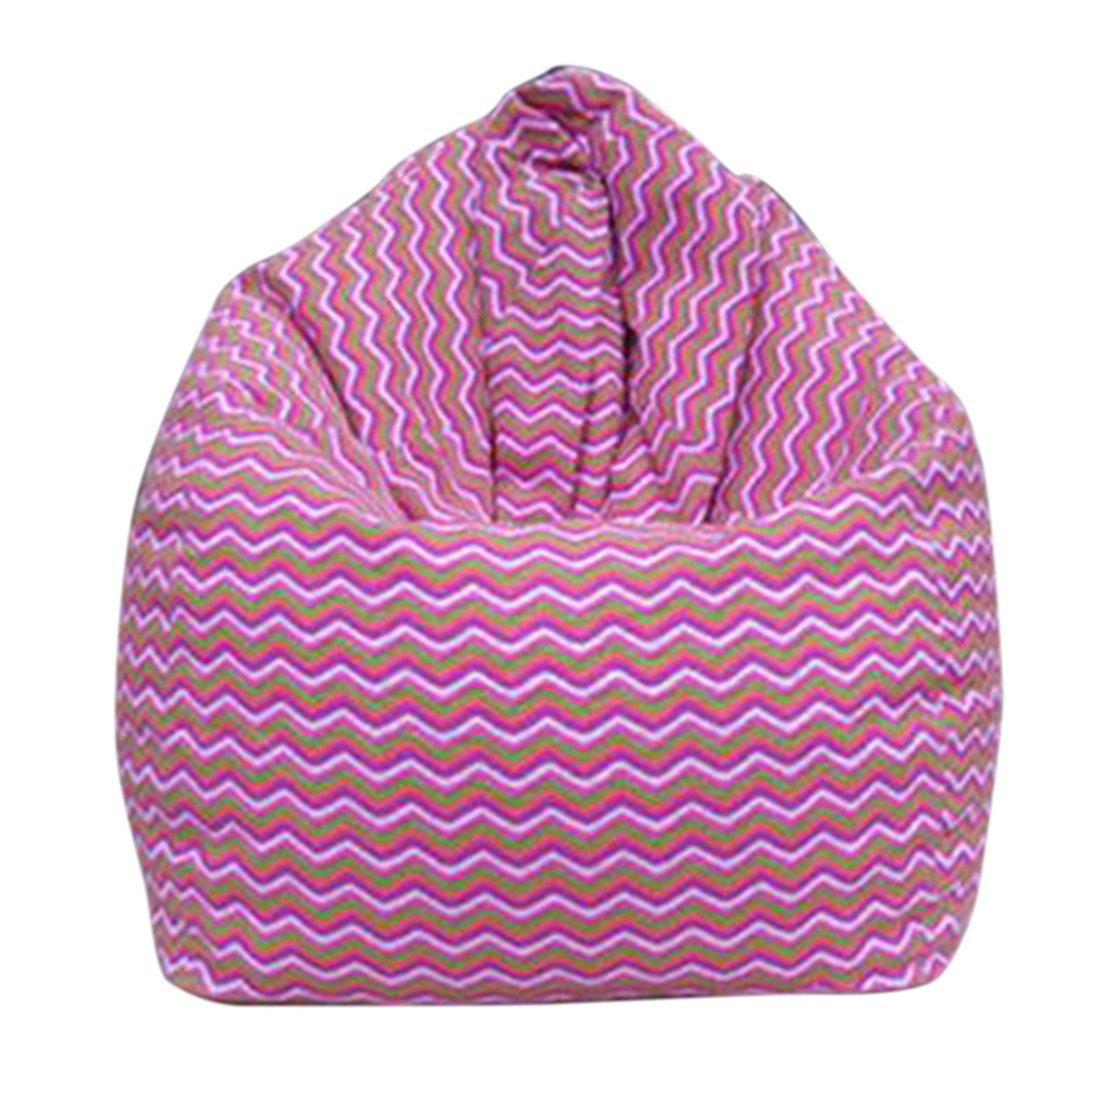 Jiyaru Bean Bag Soft Chair